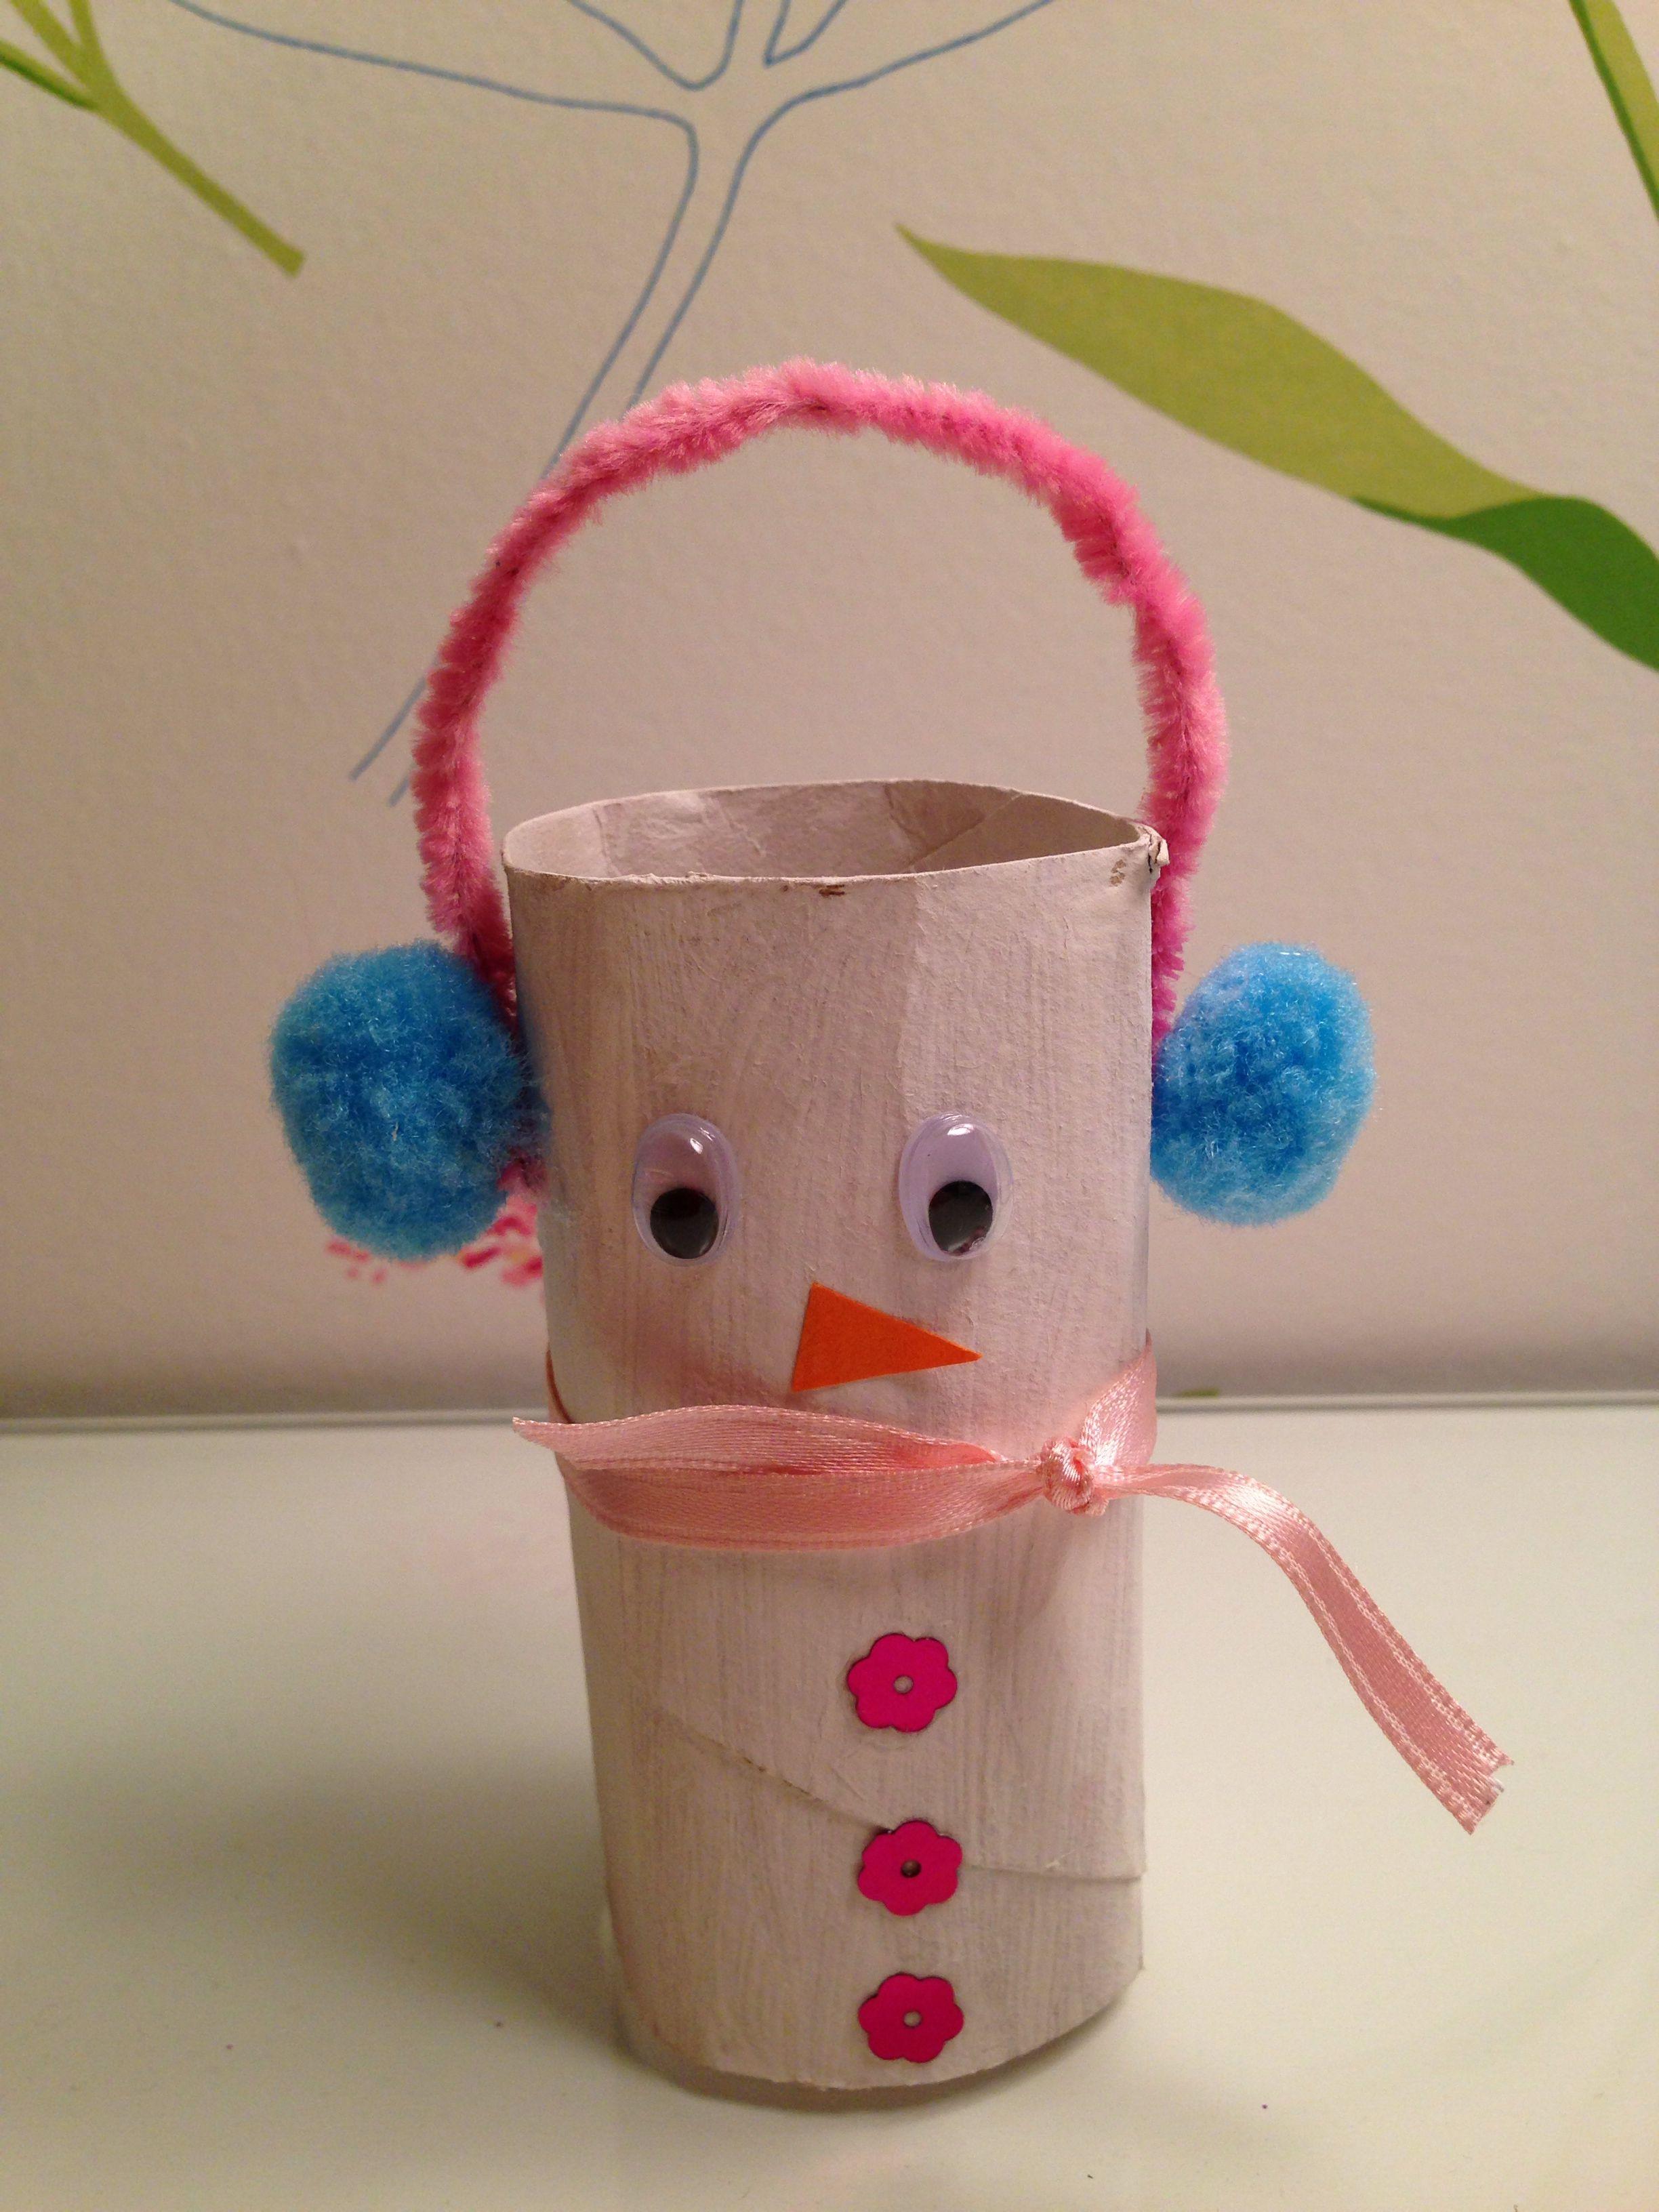 Mu eco de nieve con rollo de papel higienico - Manualidades con rollos de papel ...